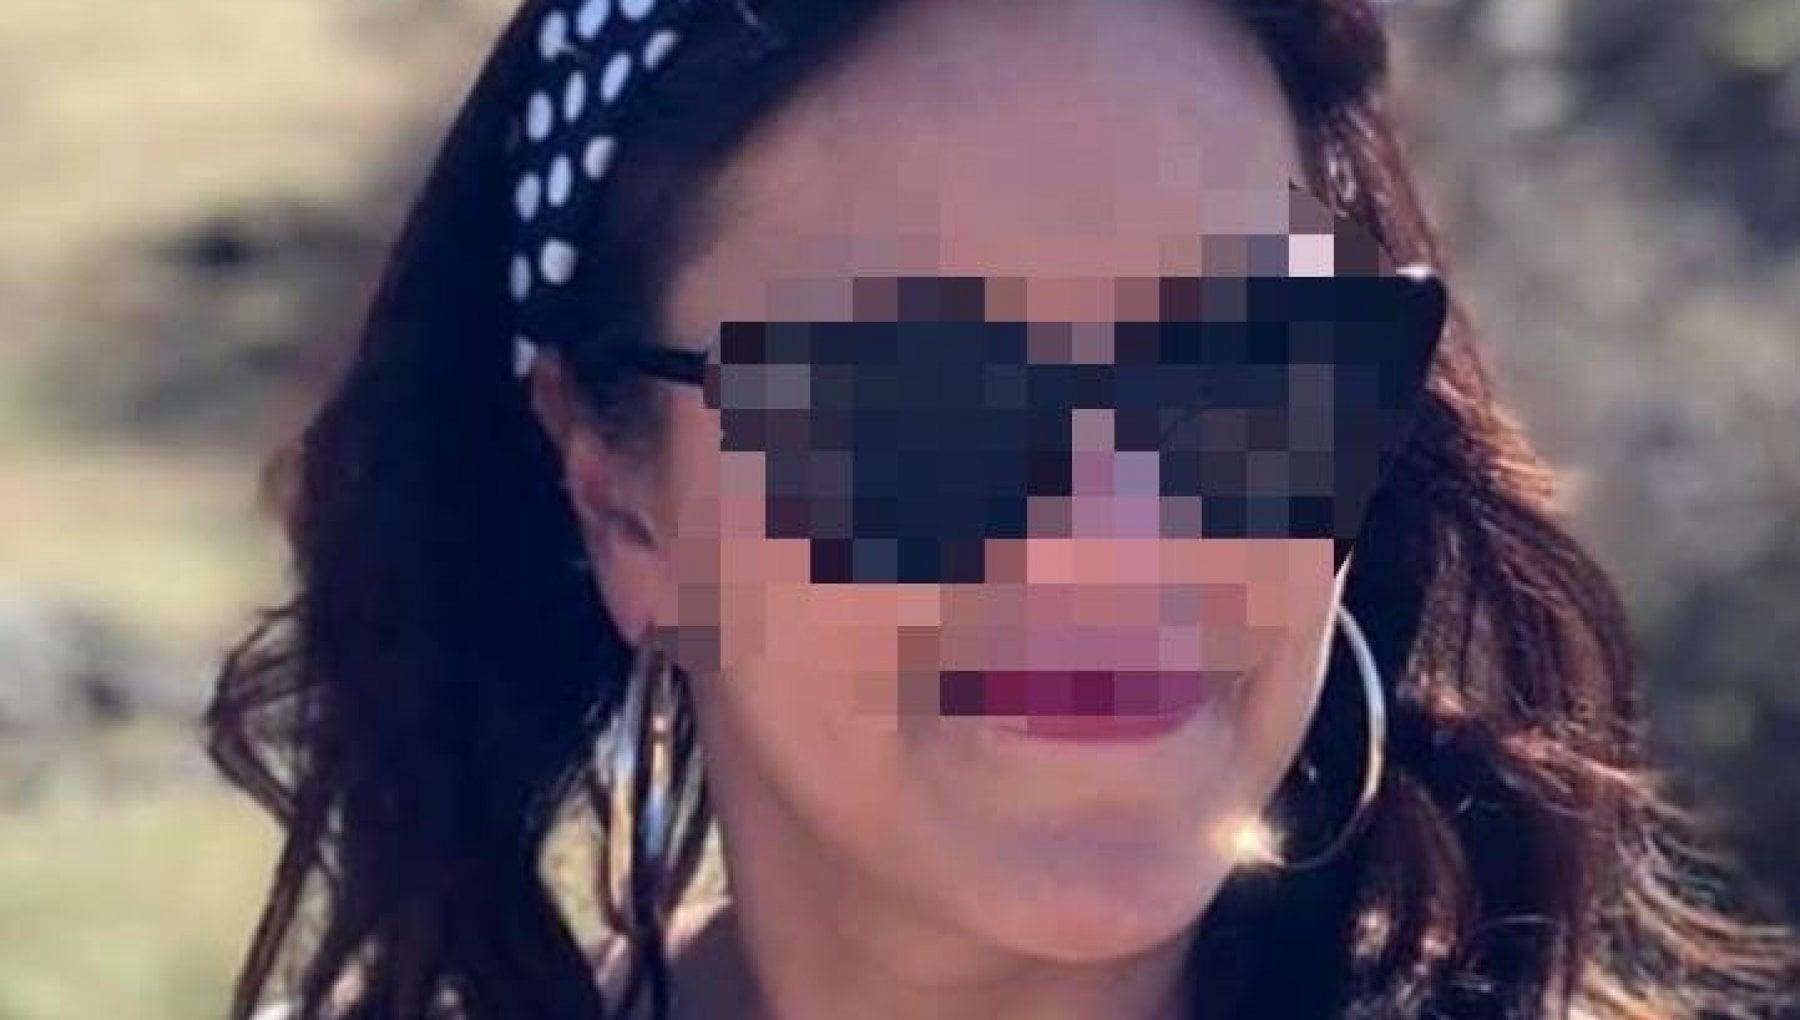 Delitto di Bolzano parla la fidanzata di Benno Non lho piu visto. Non mi sento di giudicarlo